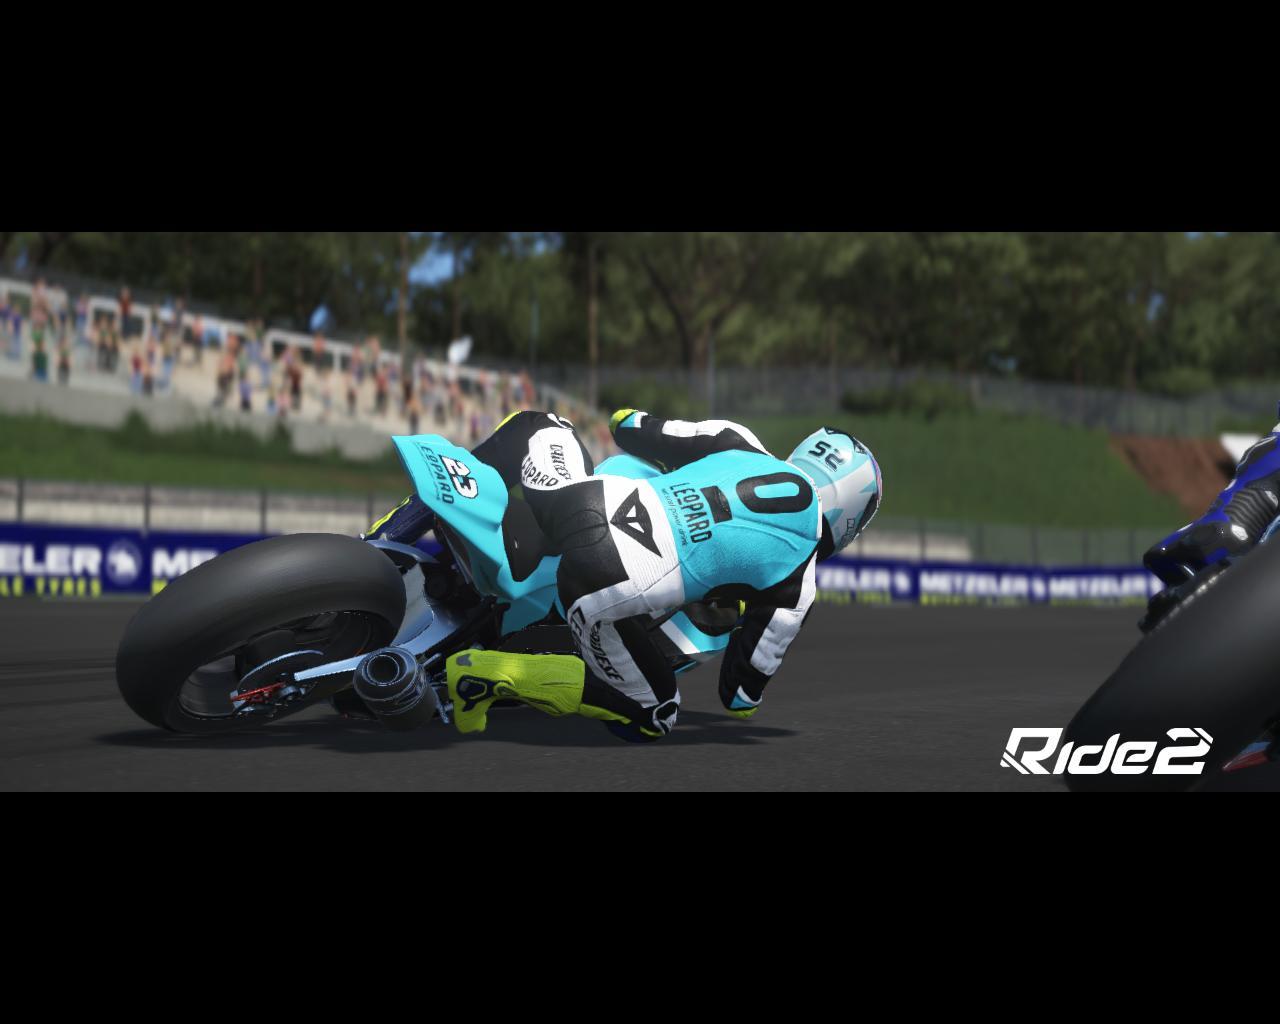 Ride2X64 2016-11-30 08-34-25-61.jpg